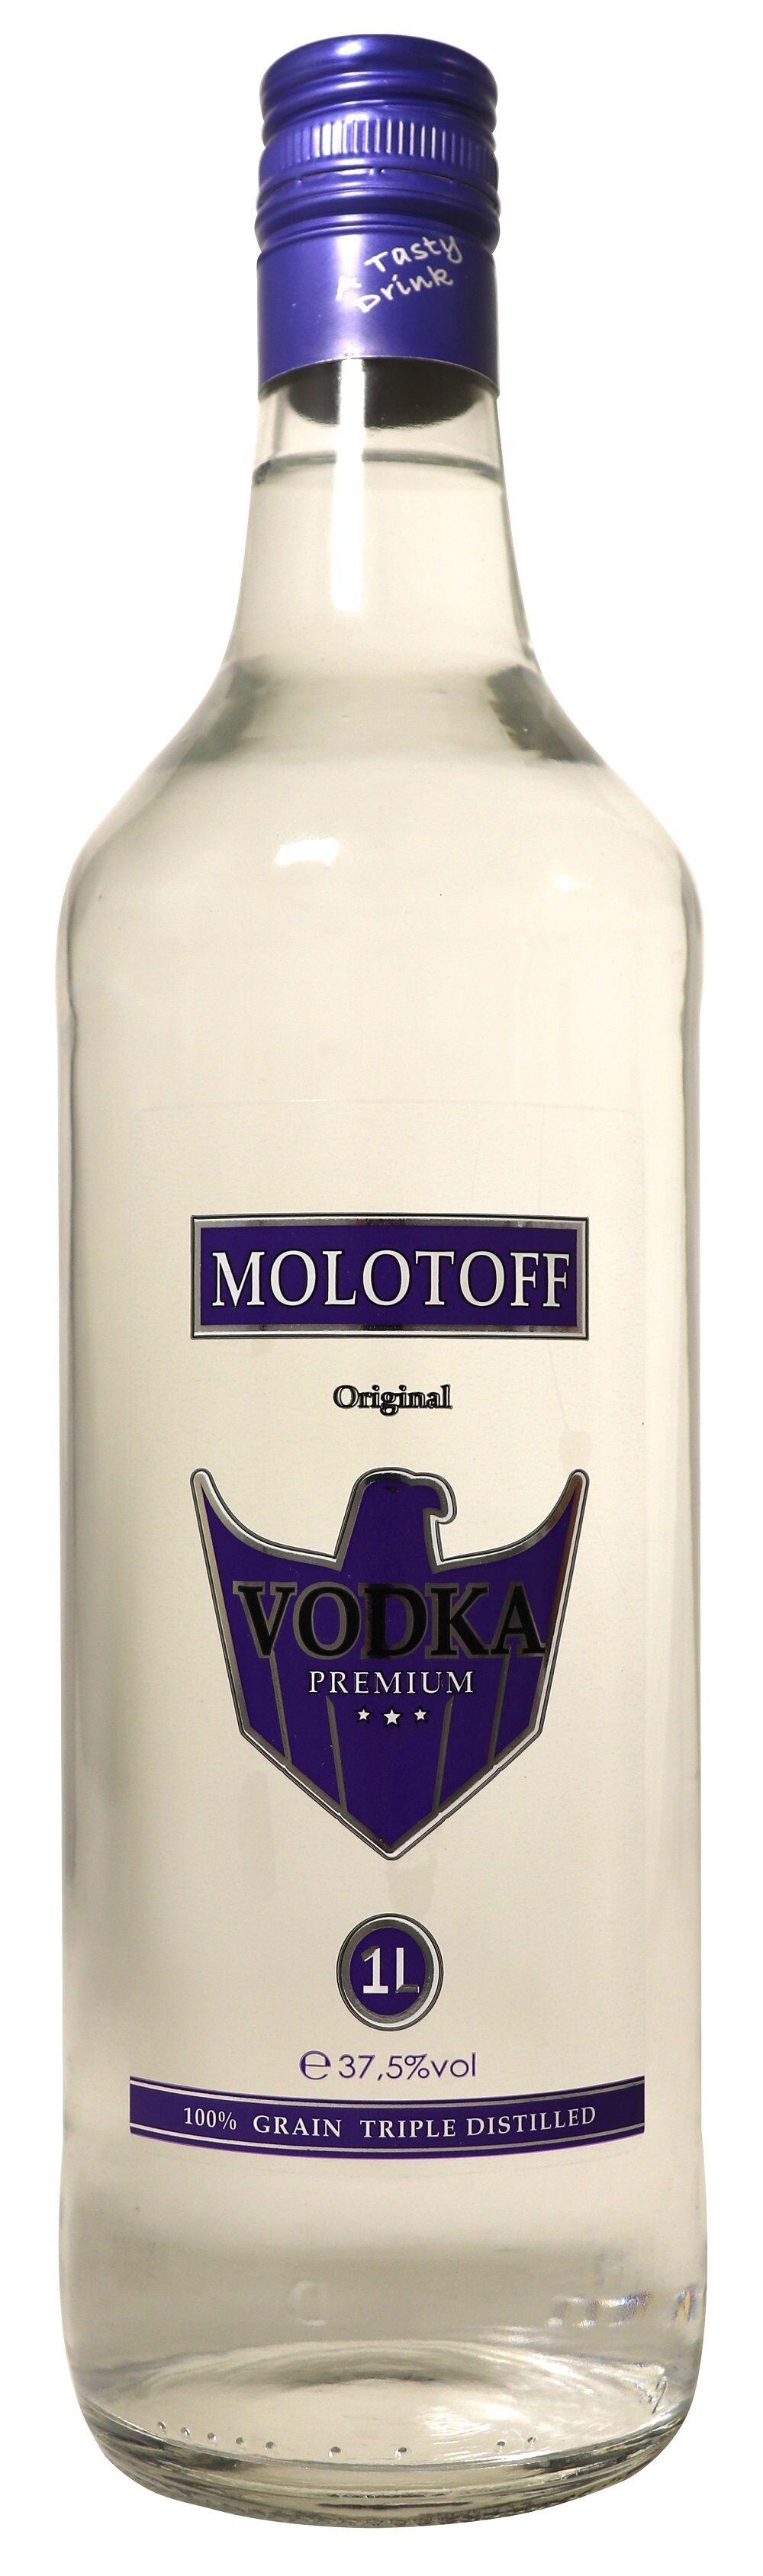 Vodka Molotoff 1L 37.5% Belgium